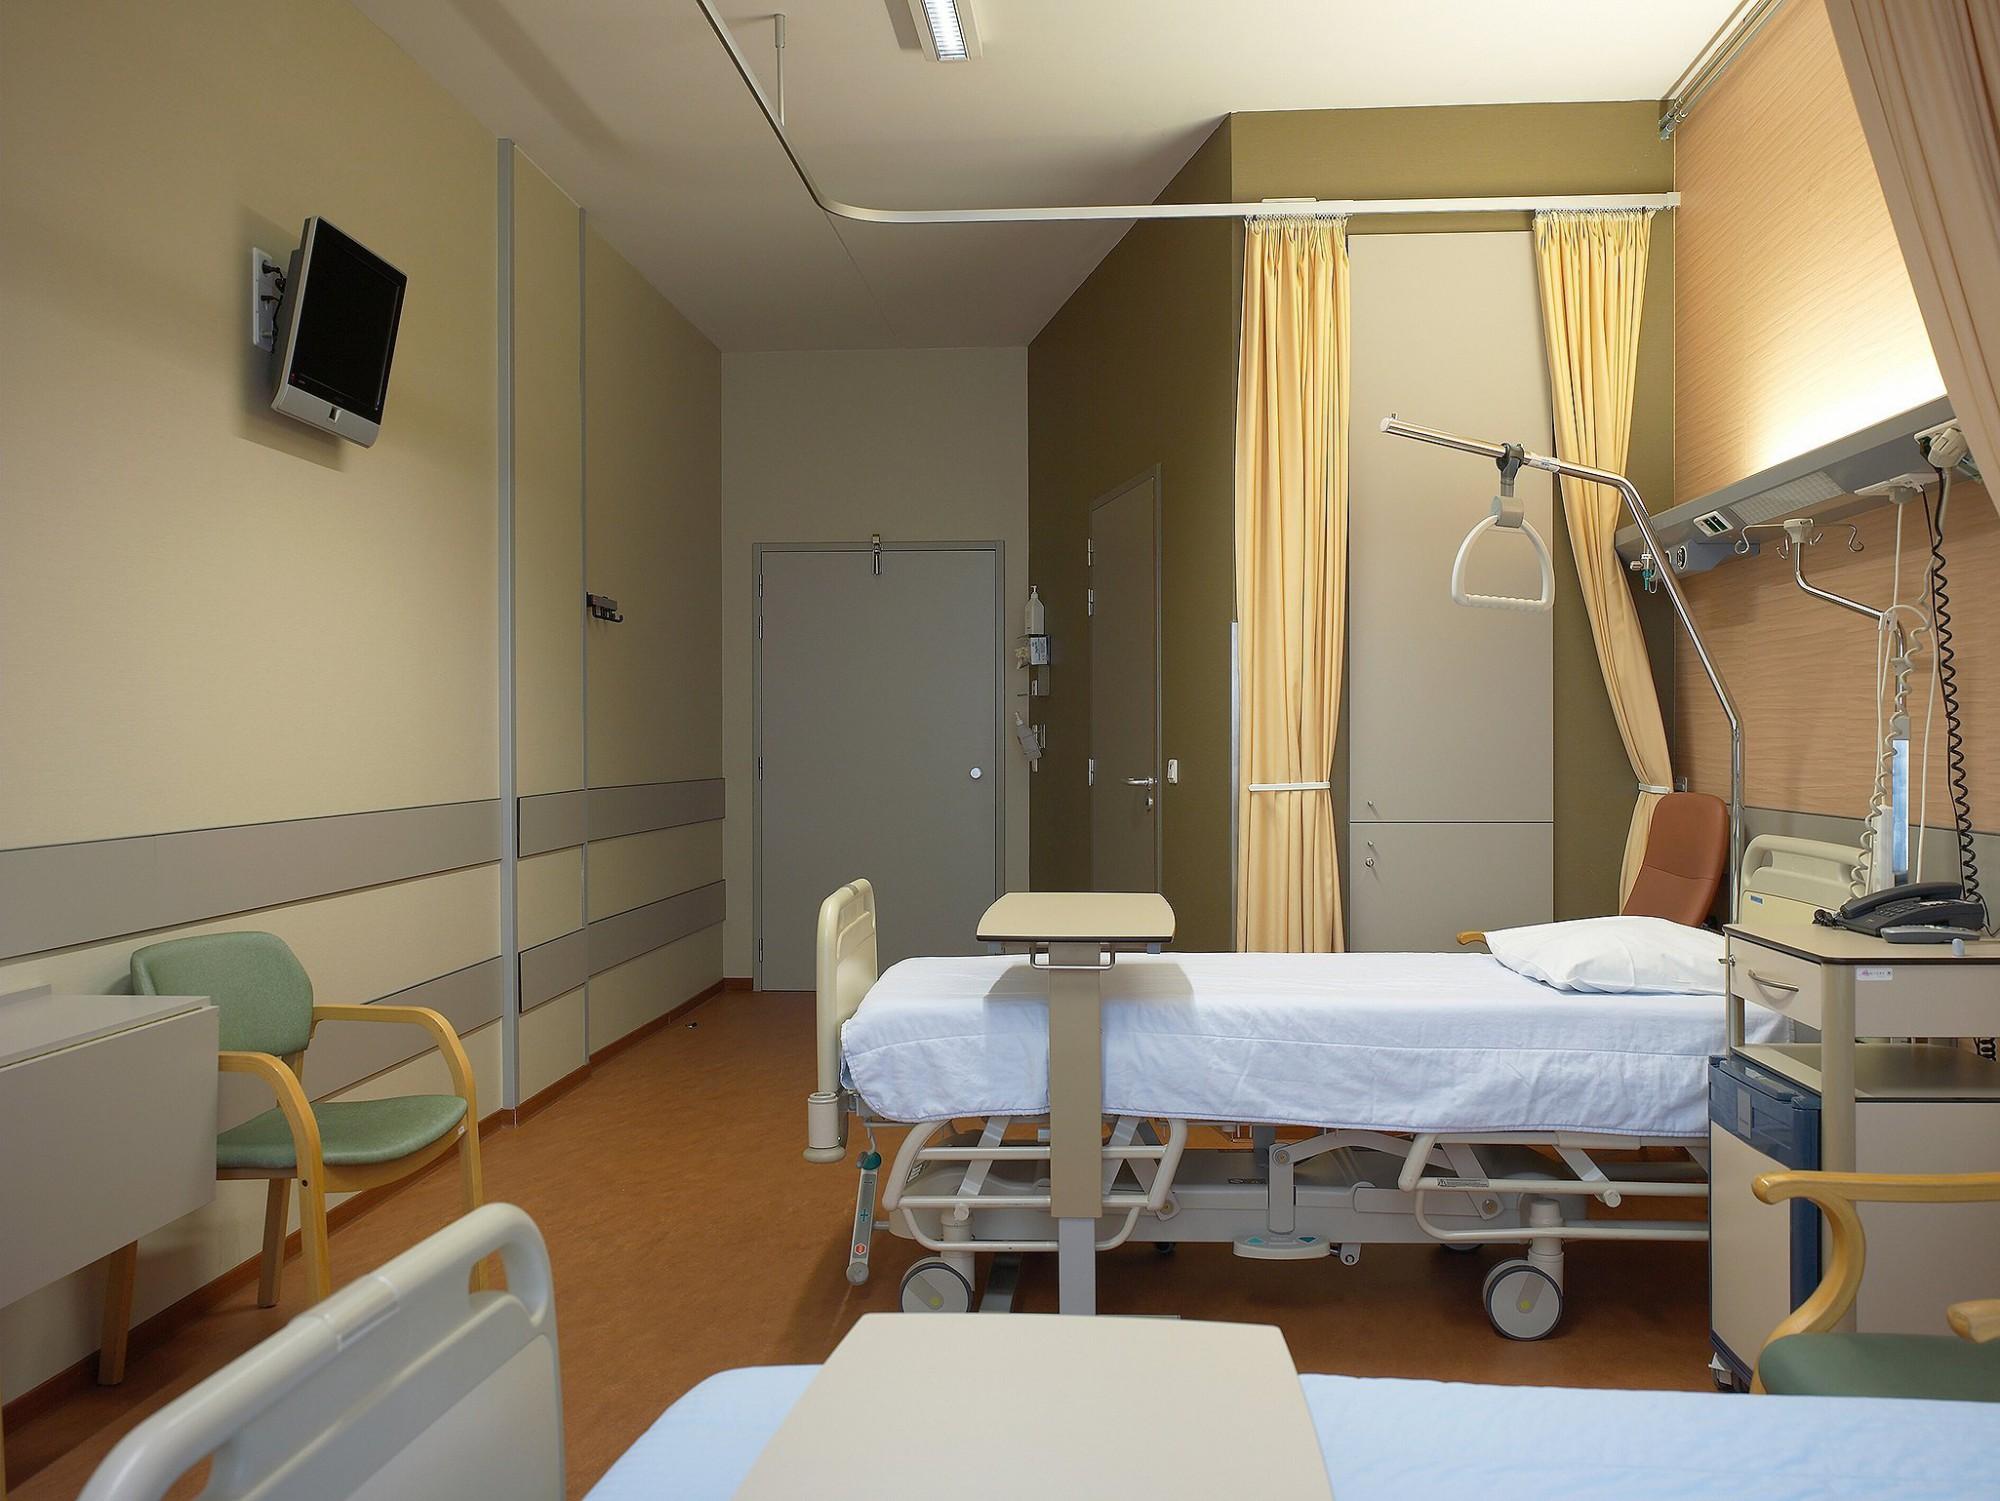 Afbeelding: Fotografie hospitaal kamer te Hasselt, voor Vanhout.pro.